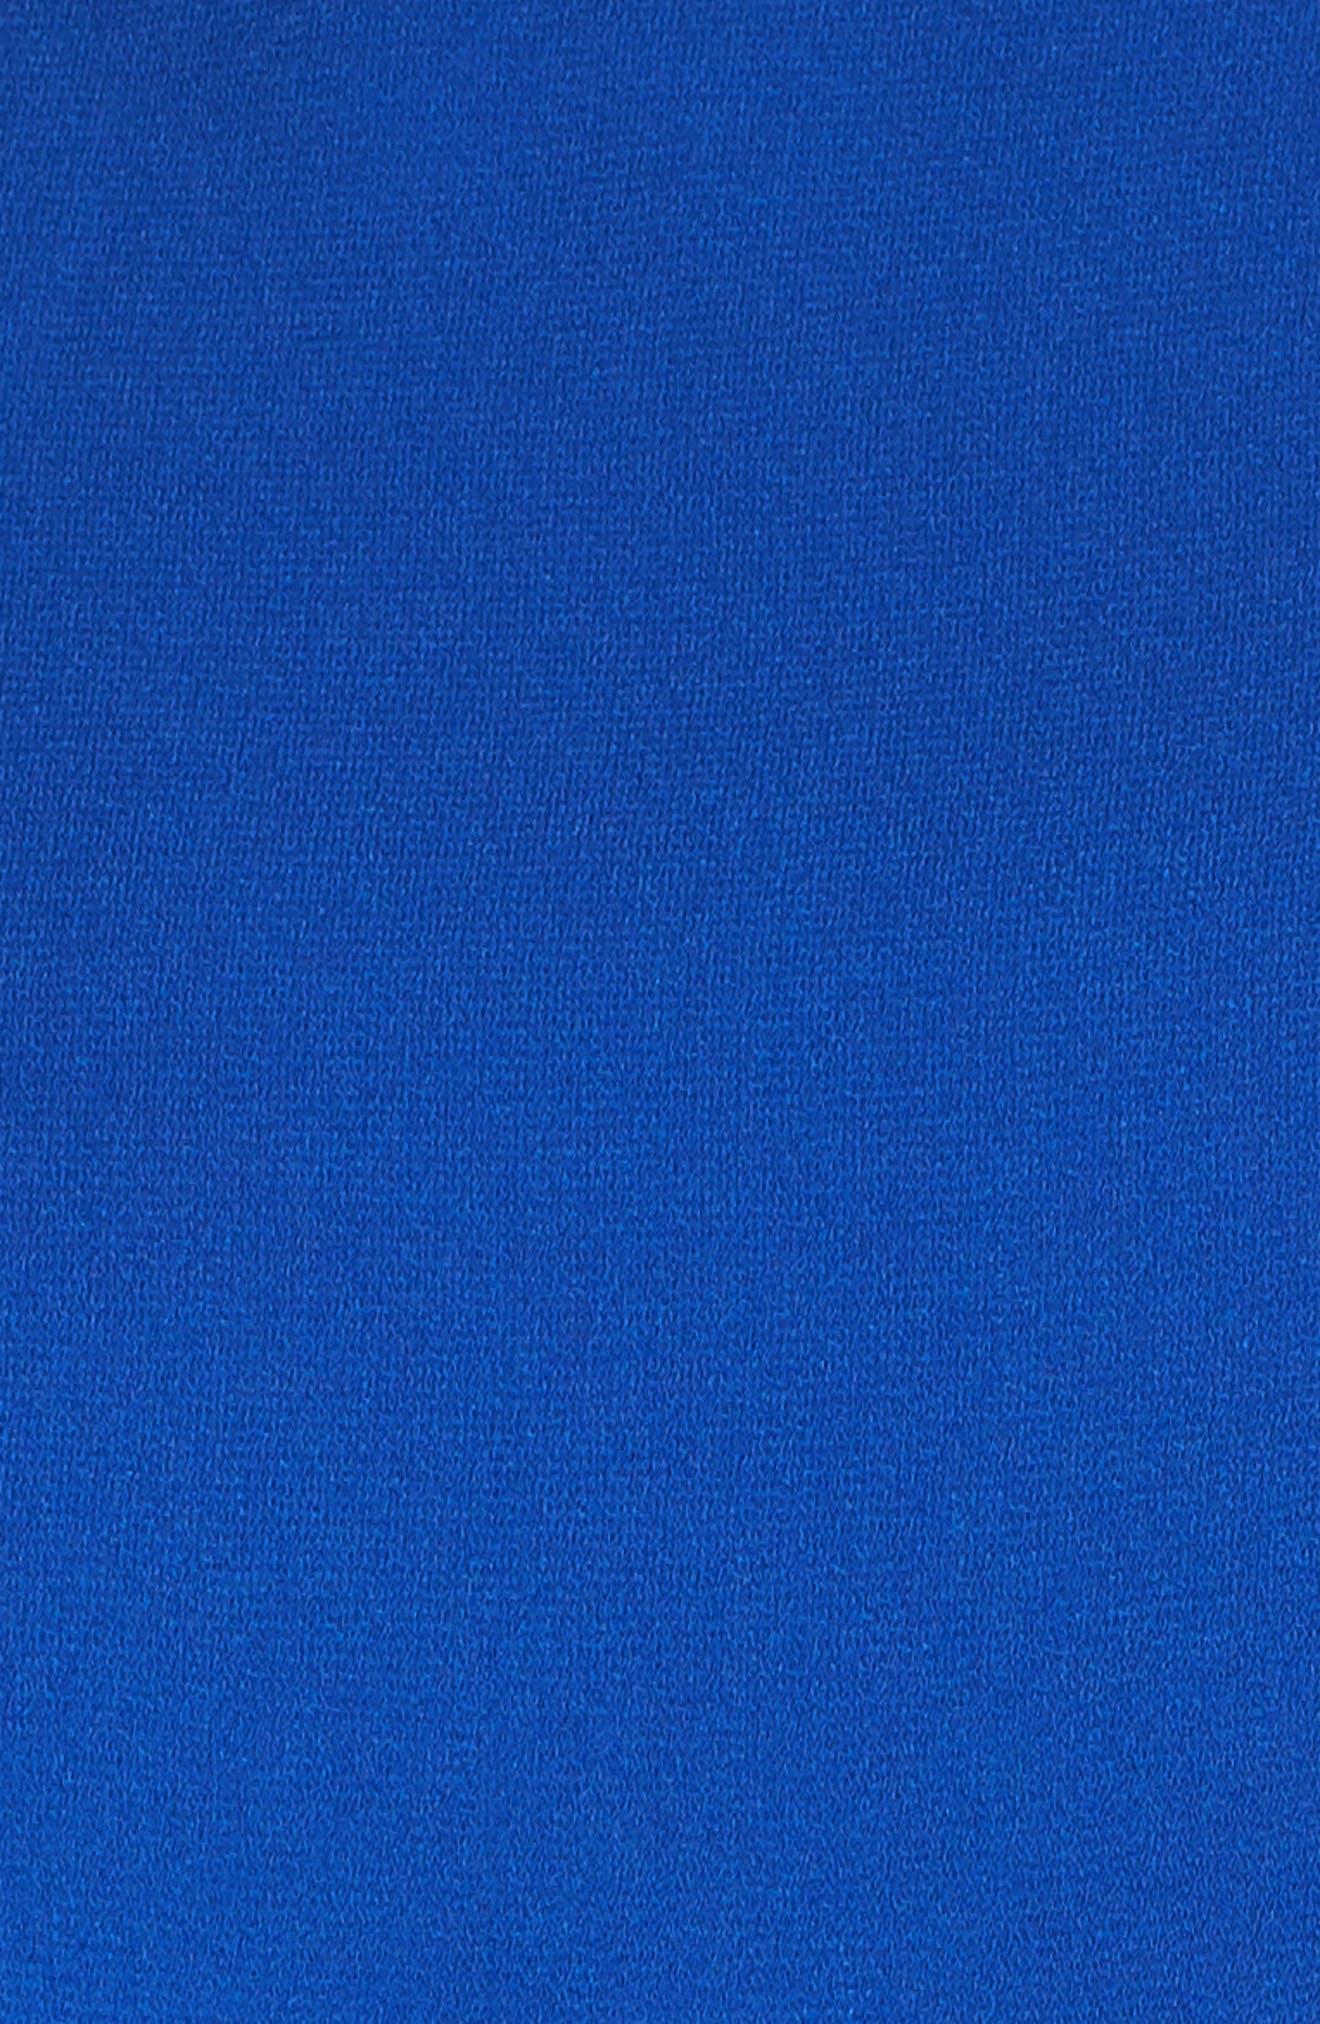 VINCE CAMUTO, Moss Crepe Wide Leg Crop Jumpsuit, Alternate thumbnail 6, color, ROYAL